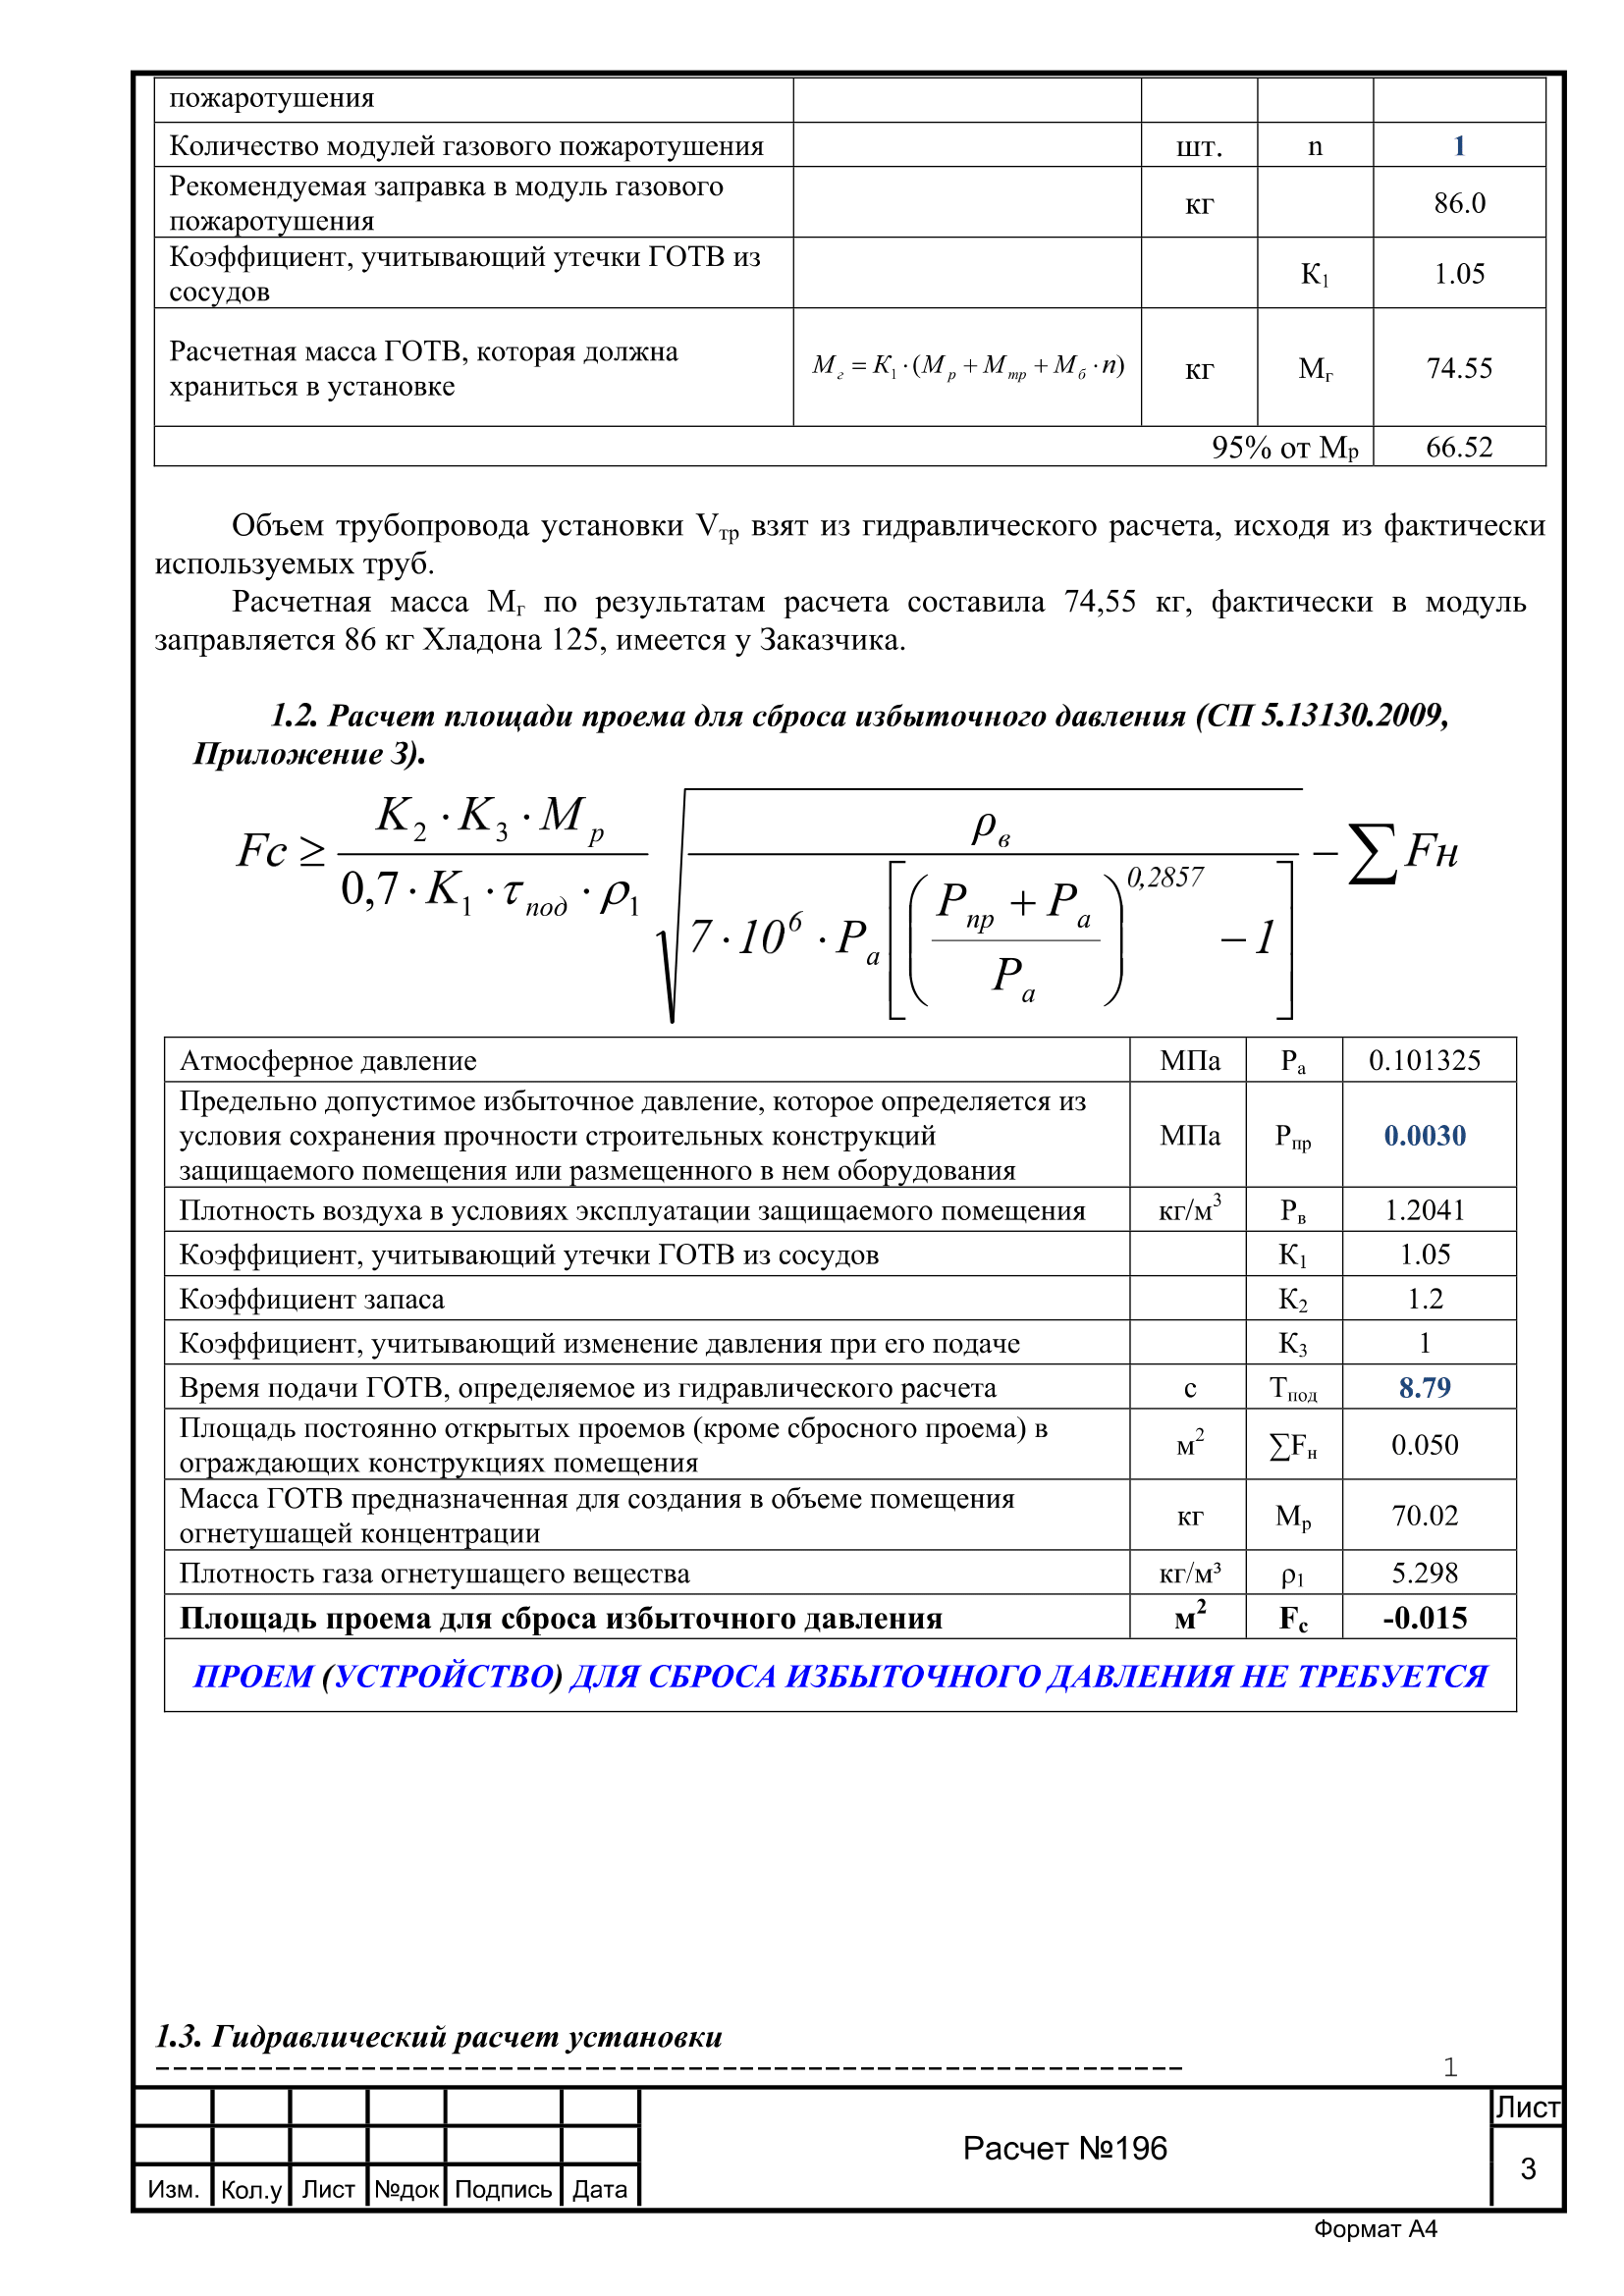 Гидравлический расчет установки пожаротушения